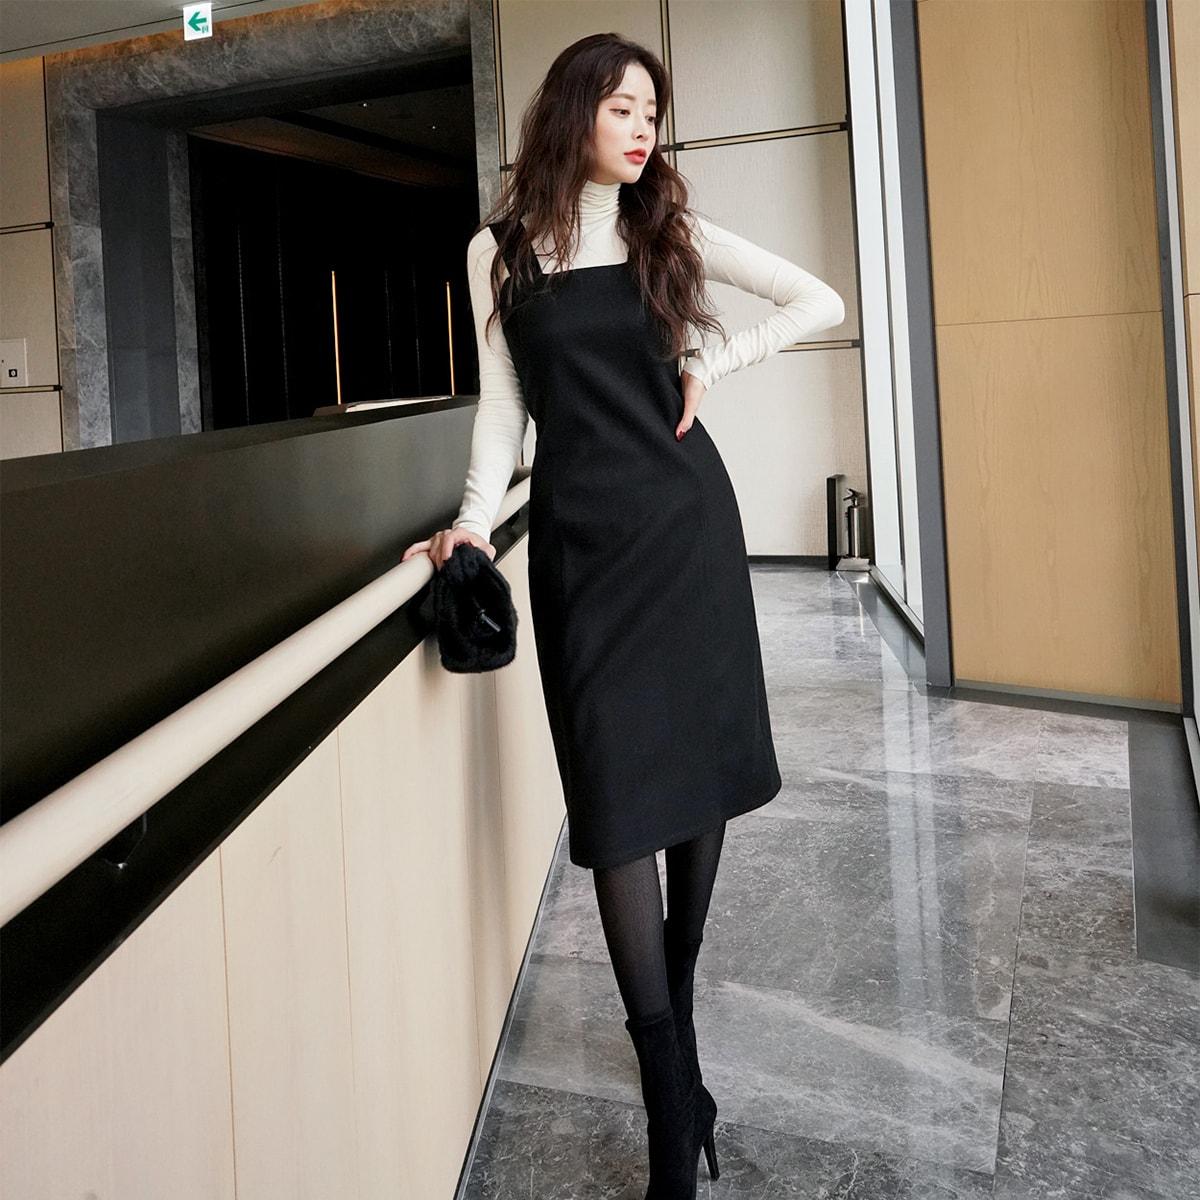 【韩国直邮】 SSUMPARTY 韩国大方领中长紧身胸衣式连衣裙 #黑色 S(36) 怎么样 - 亚米网